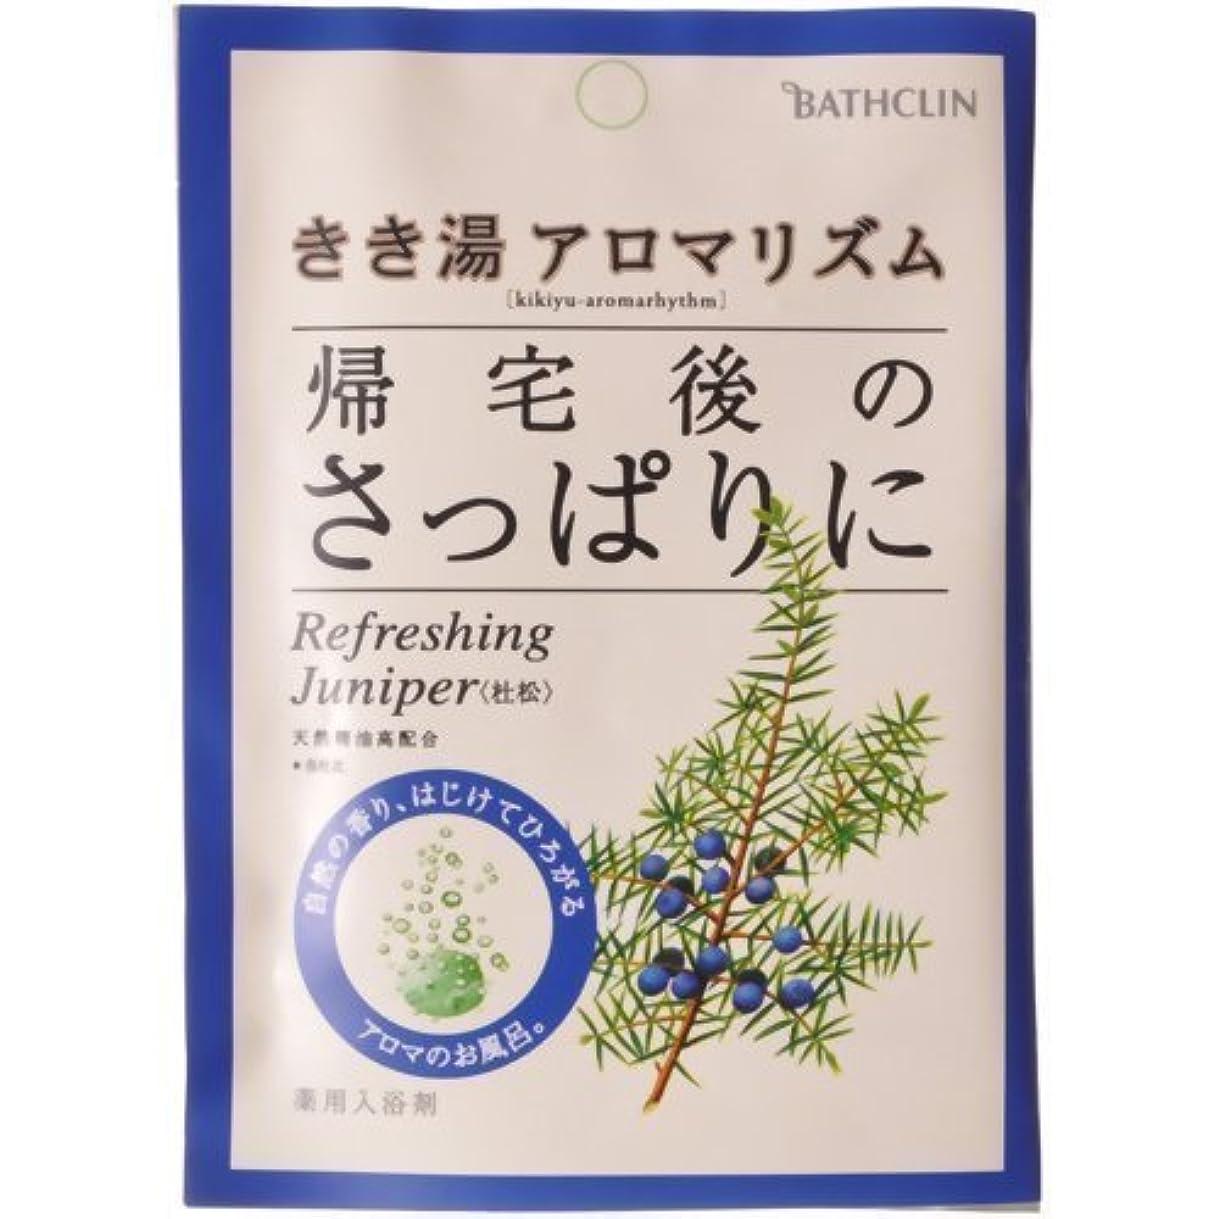 スポンサー床を掃除するこどもの宮殿きき湯 アロマリズム リフレッシュジュニパーの香り 30g